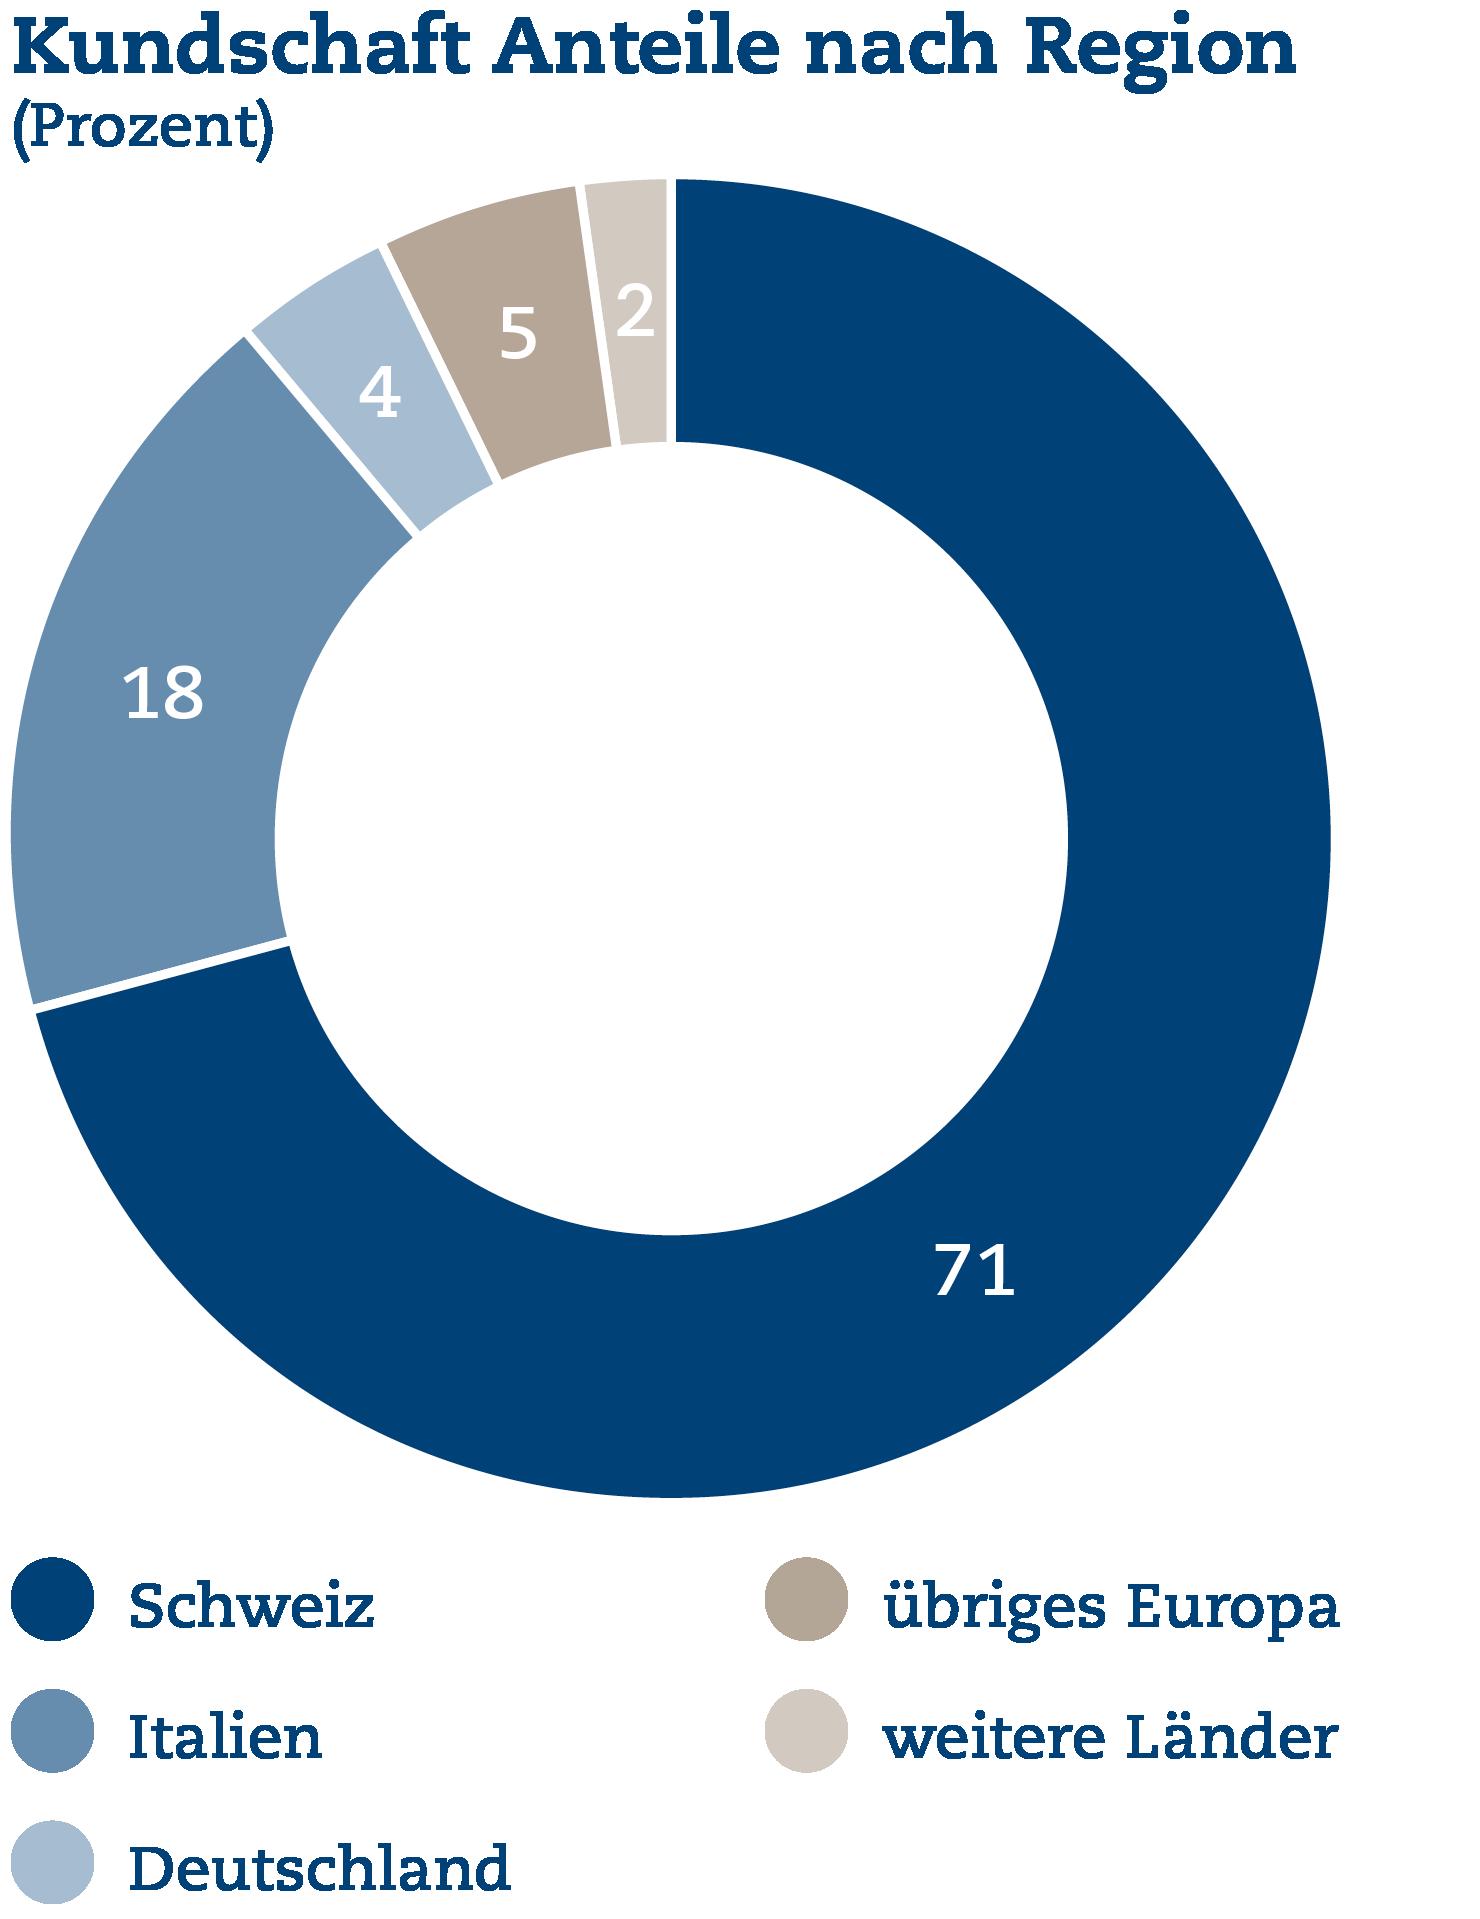 Kundschaft: Anteile nach Region (Prozent)